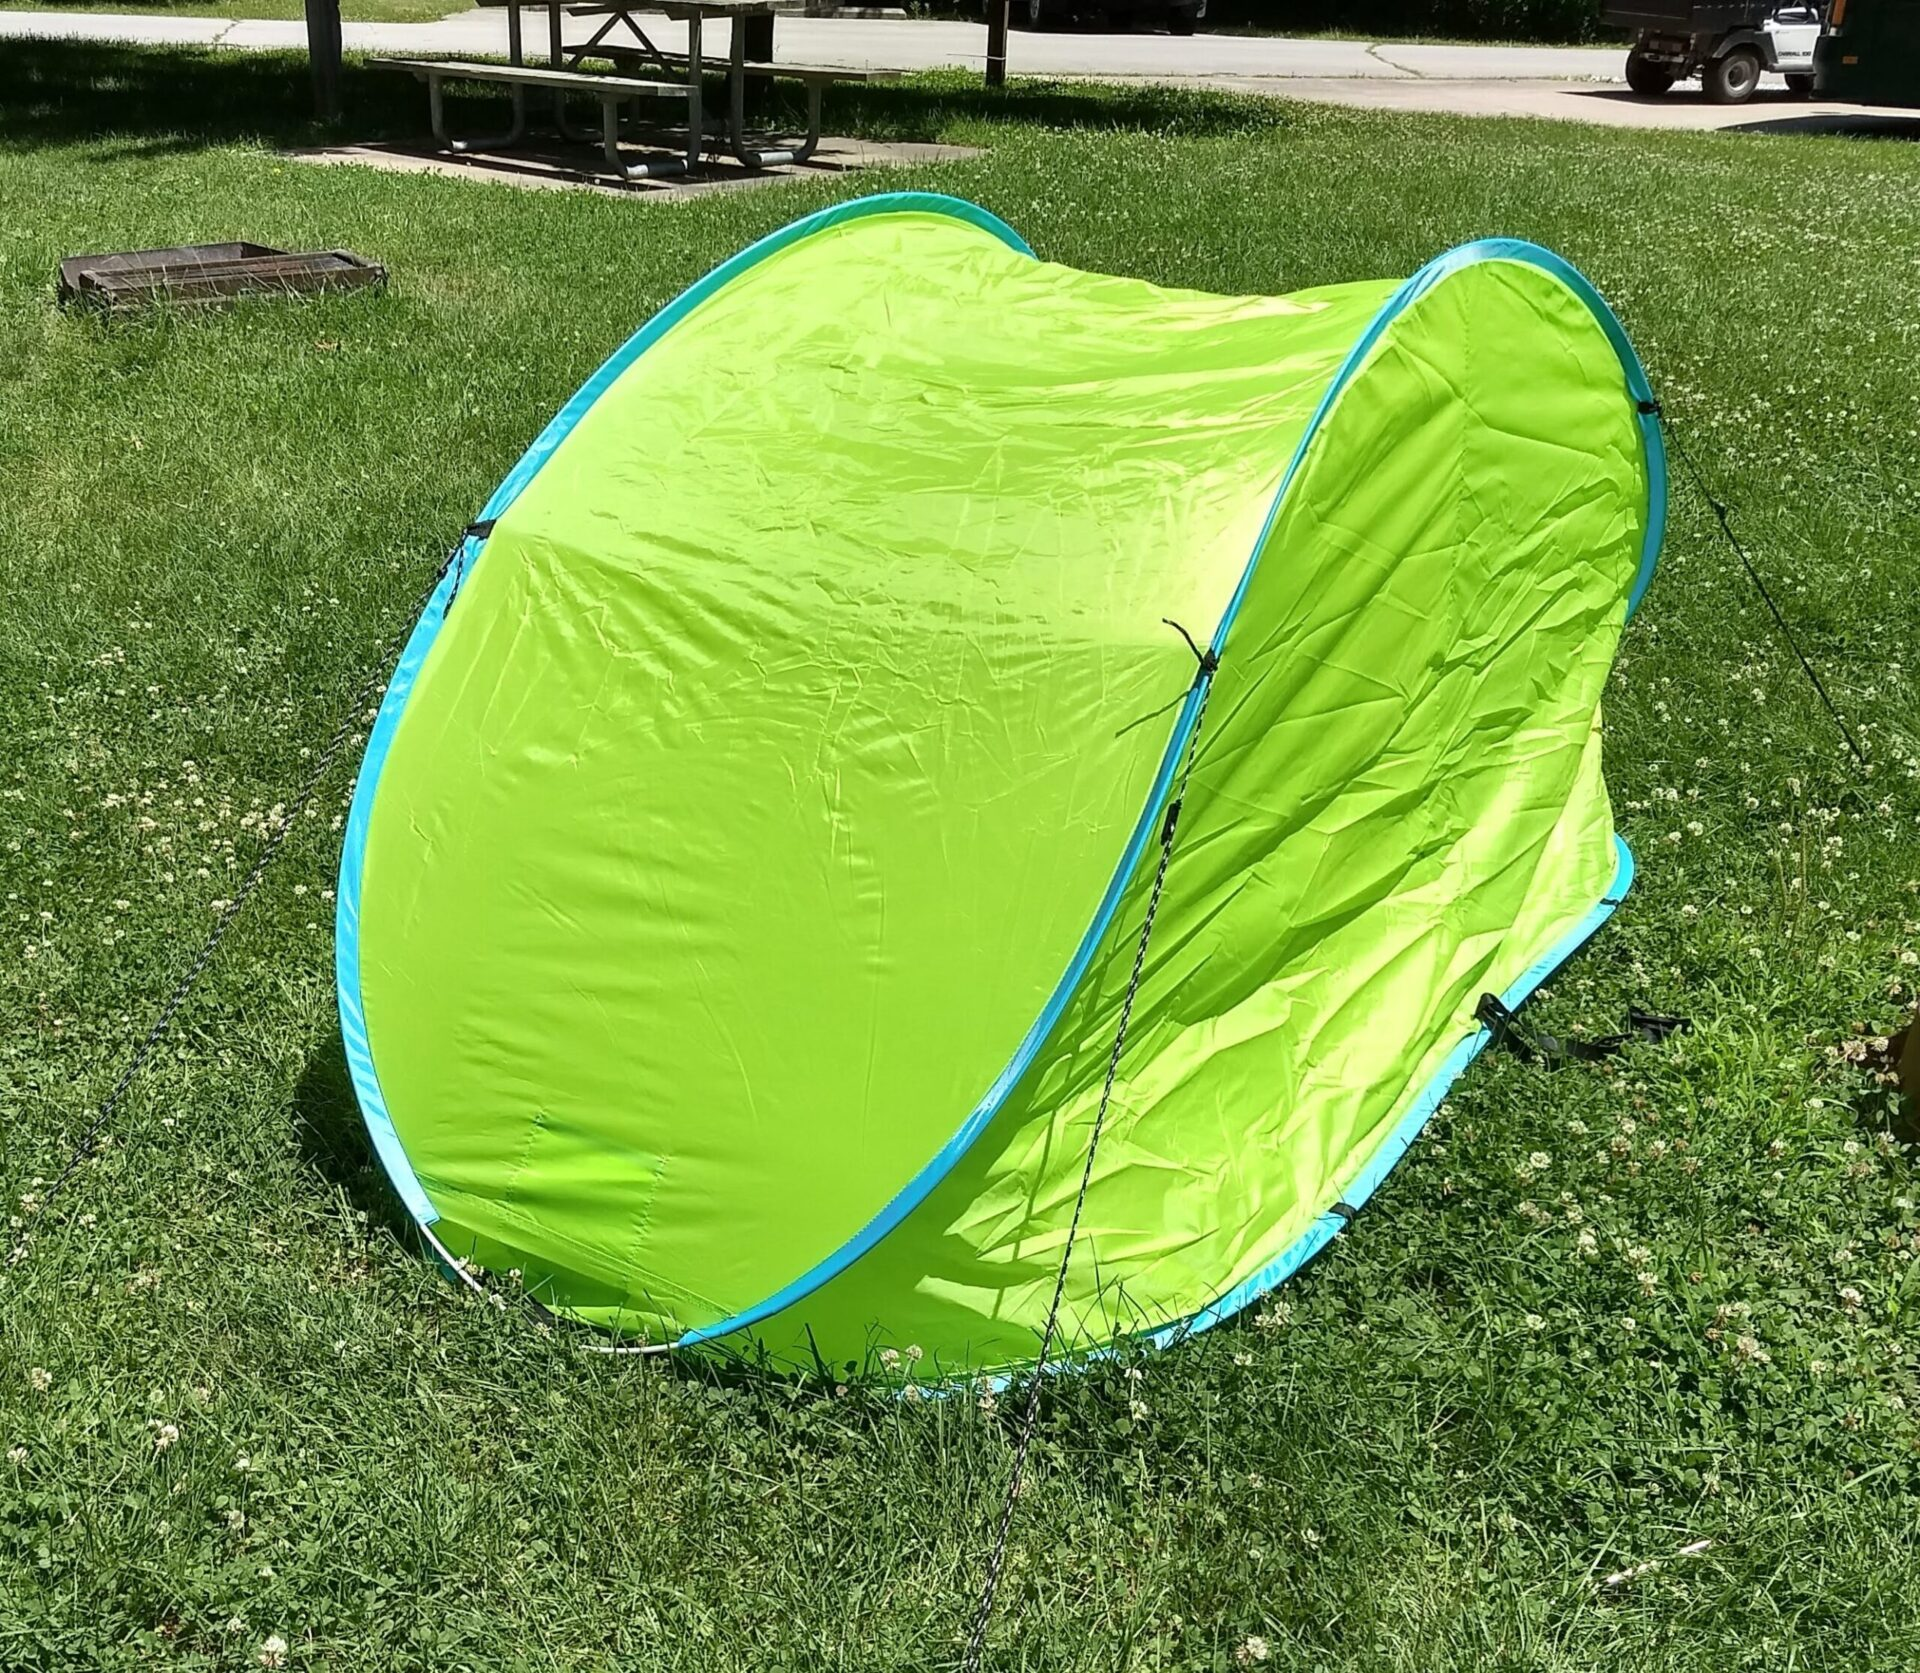 Crane Pop Up Sun Shelter Aldi Reviewer